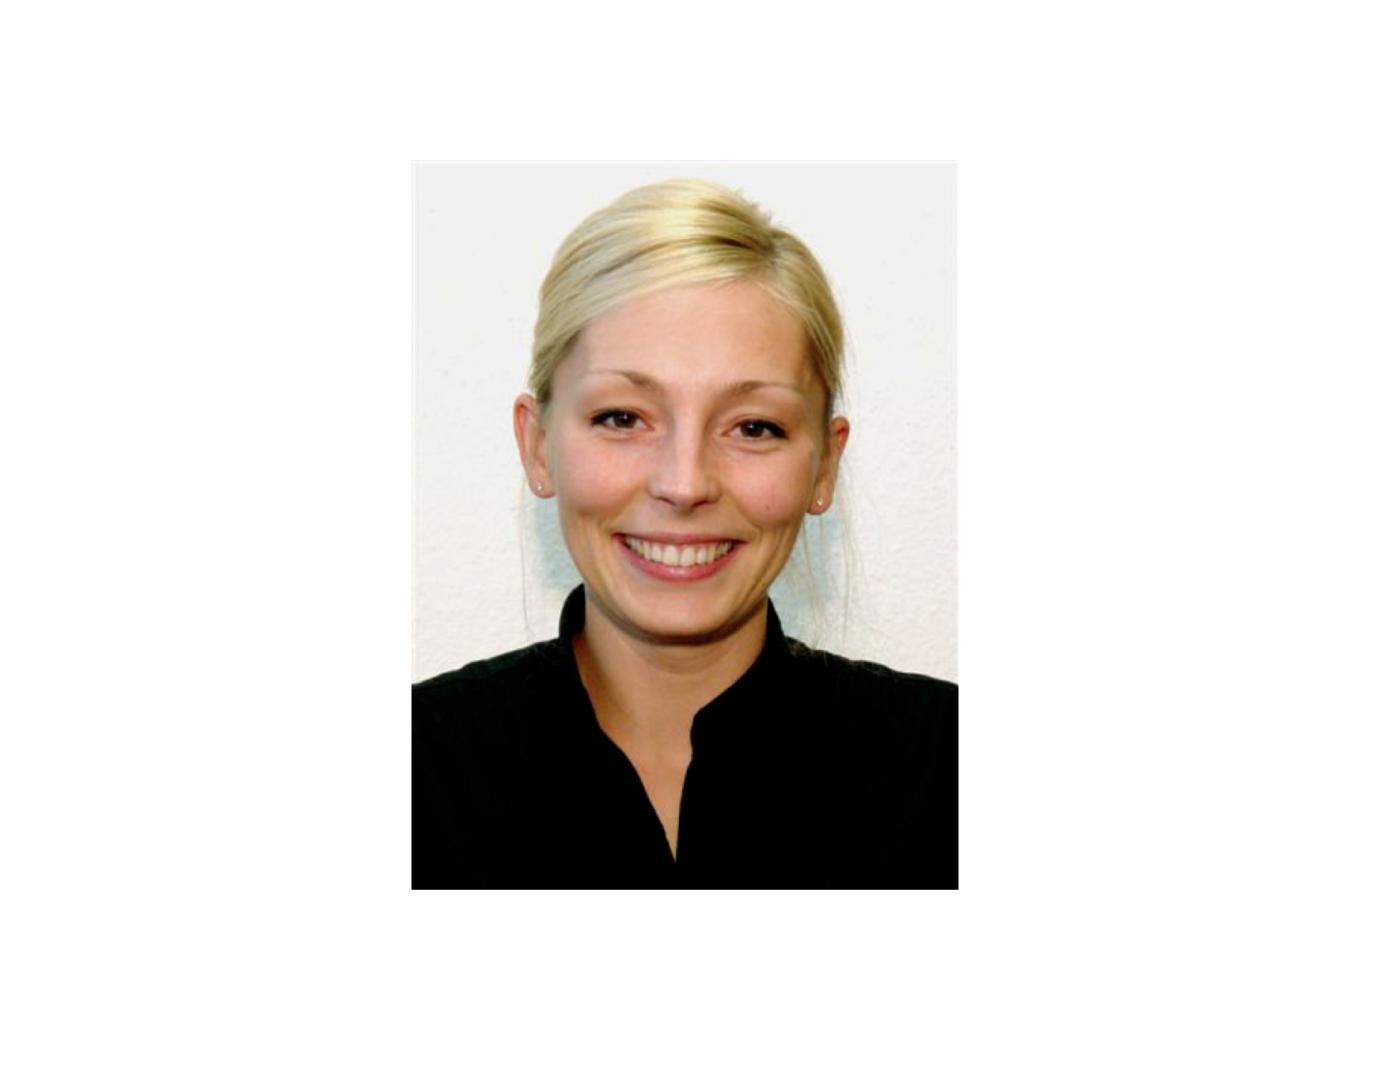 Portrait von Magdalena Kladzinski. Sie ist Leiterin des Arbeitszentrums Fort- und Weiterbildung der Pädagogischen Akademie Elisabethenstift in Darmstadt.